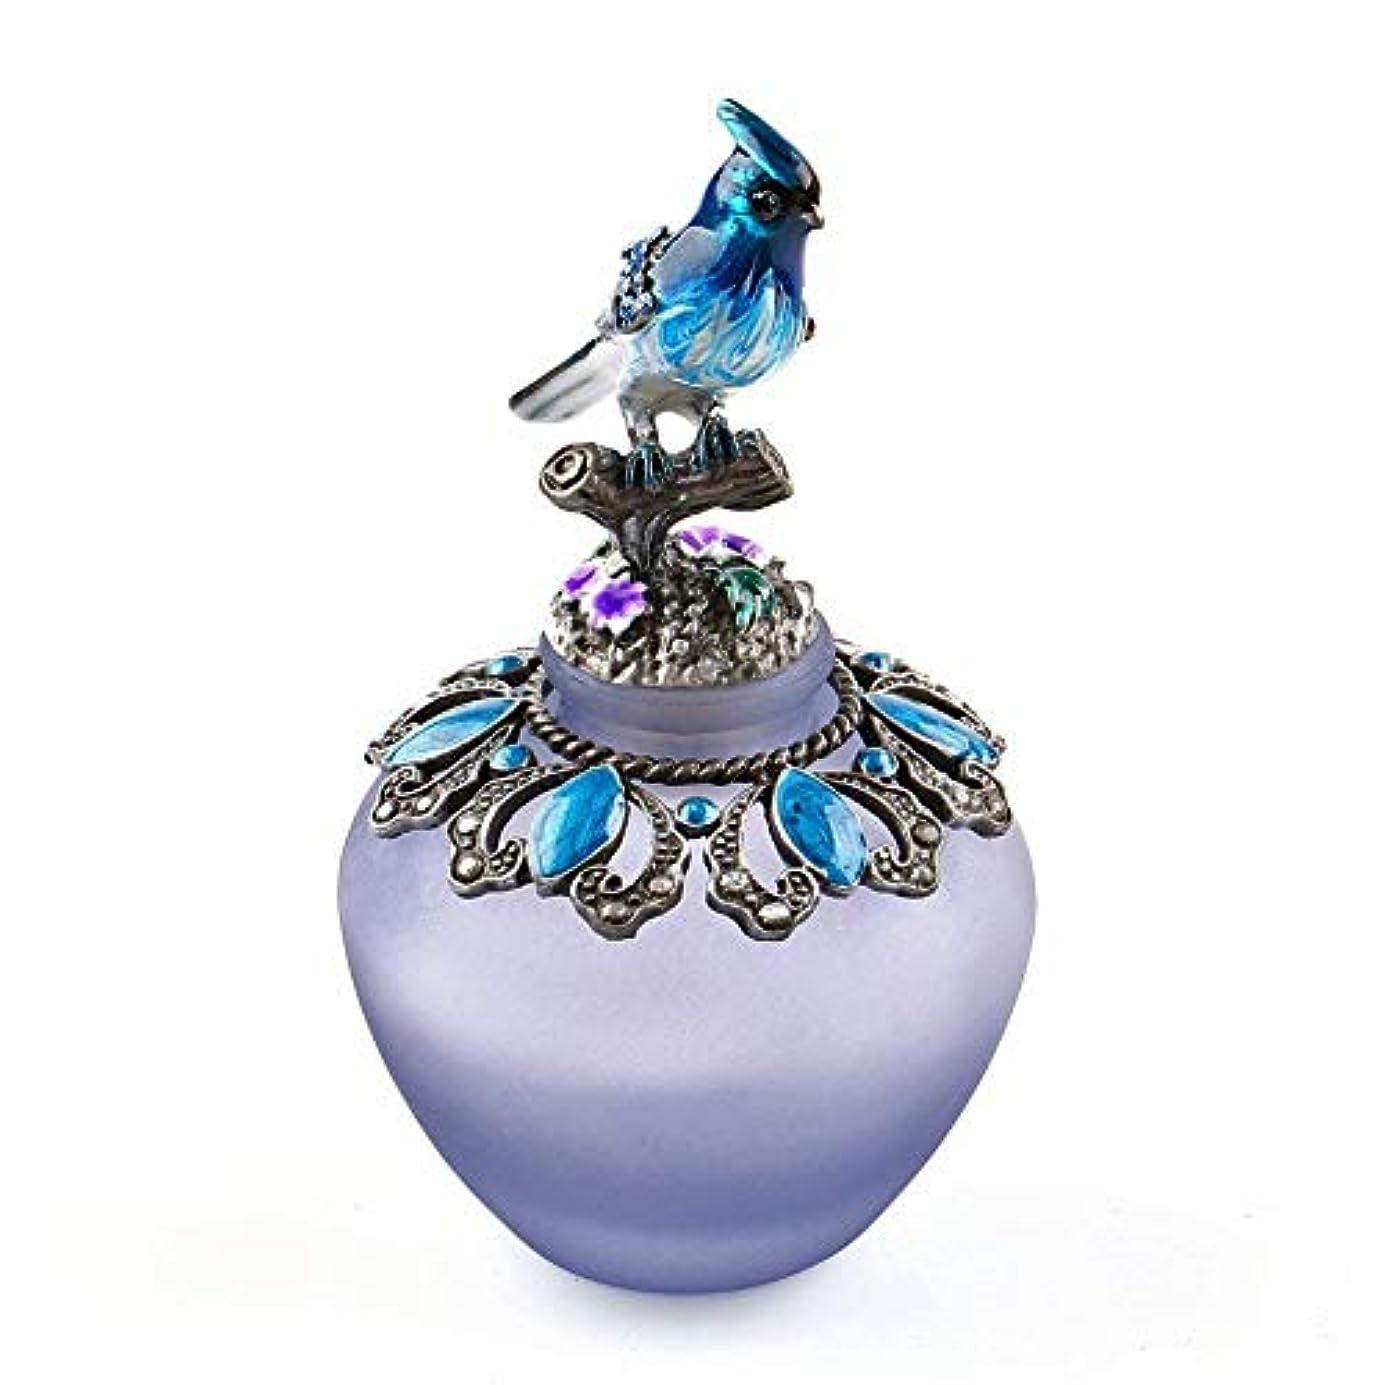 ホーンお願いしますシャンプーEasyRaku 高品質 美しい香水瓶 鳥40ML ガラスアロマボトル 綺麗アンティーク調欧風デザイン クリスマスプレゼント 結婚式 飾り